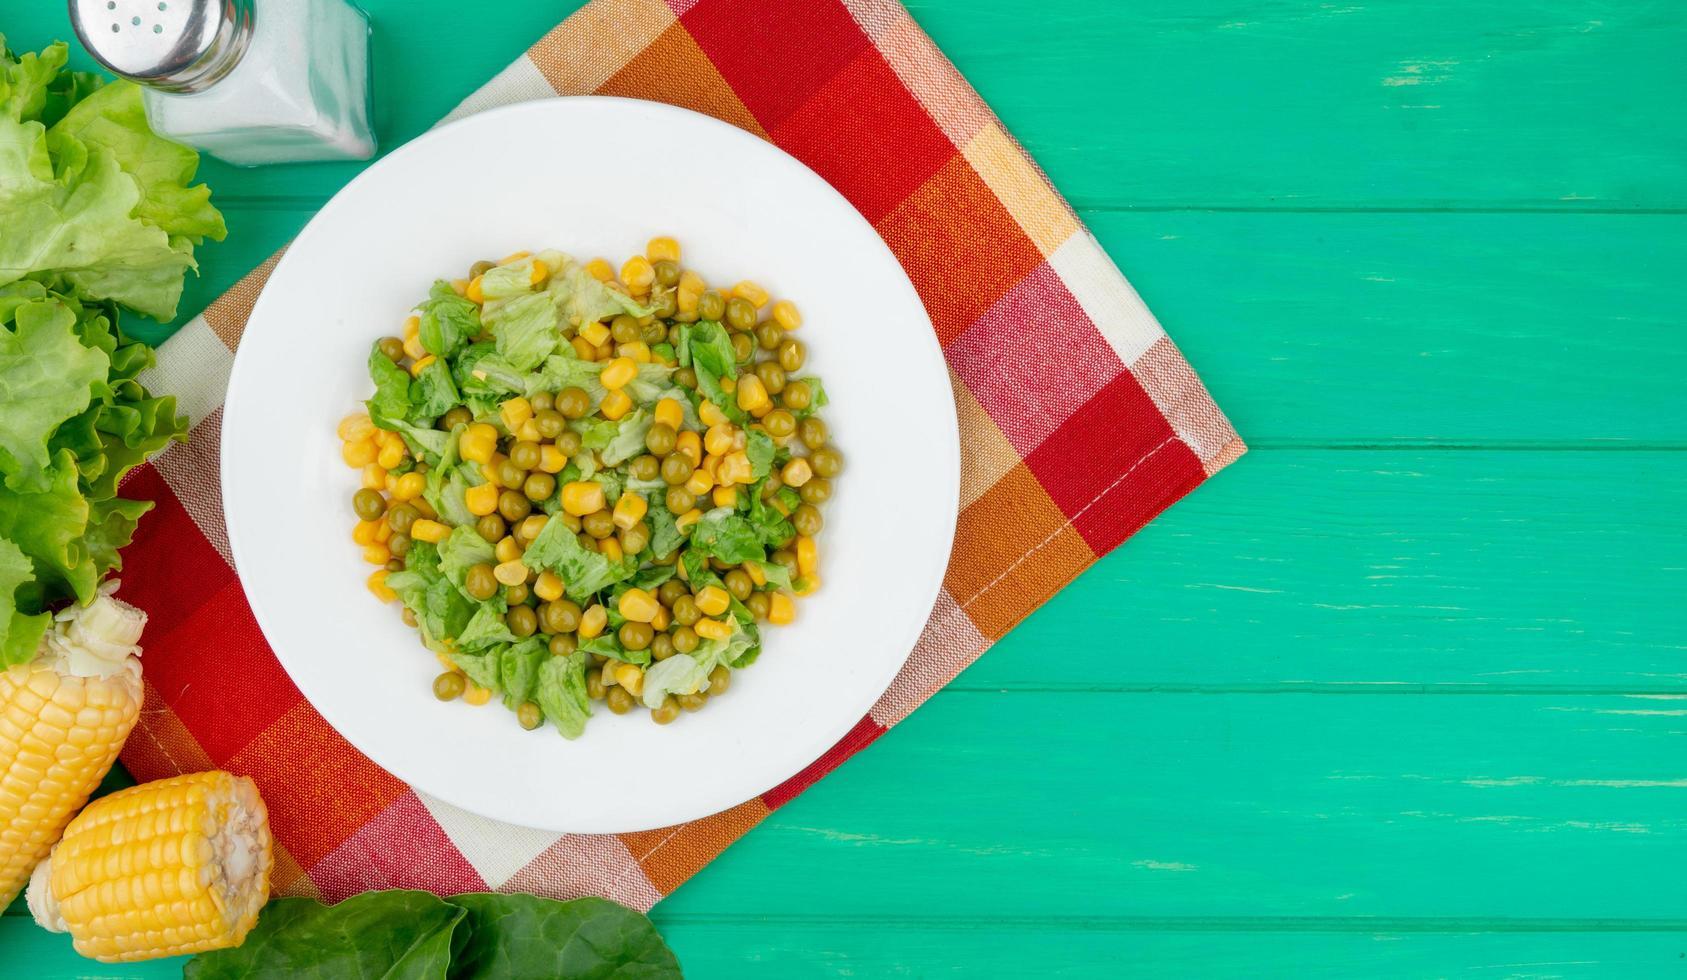 ovanifrån av plattan med gul ärta och skivad sallad med majsspenatsallatsalt på tyg och grön bakgrund med kopieringsutrymme foto